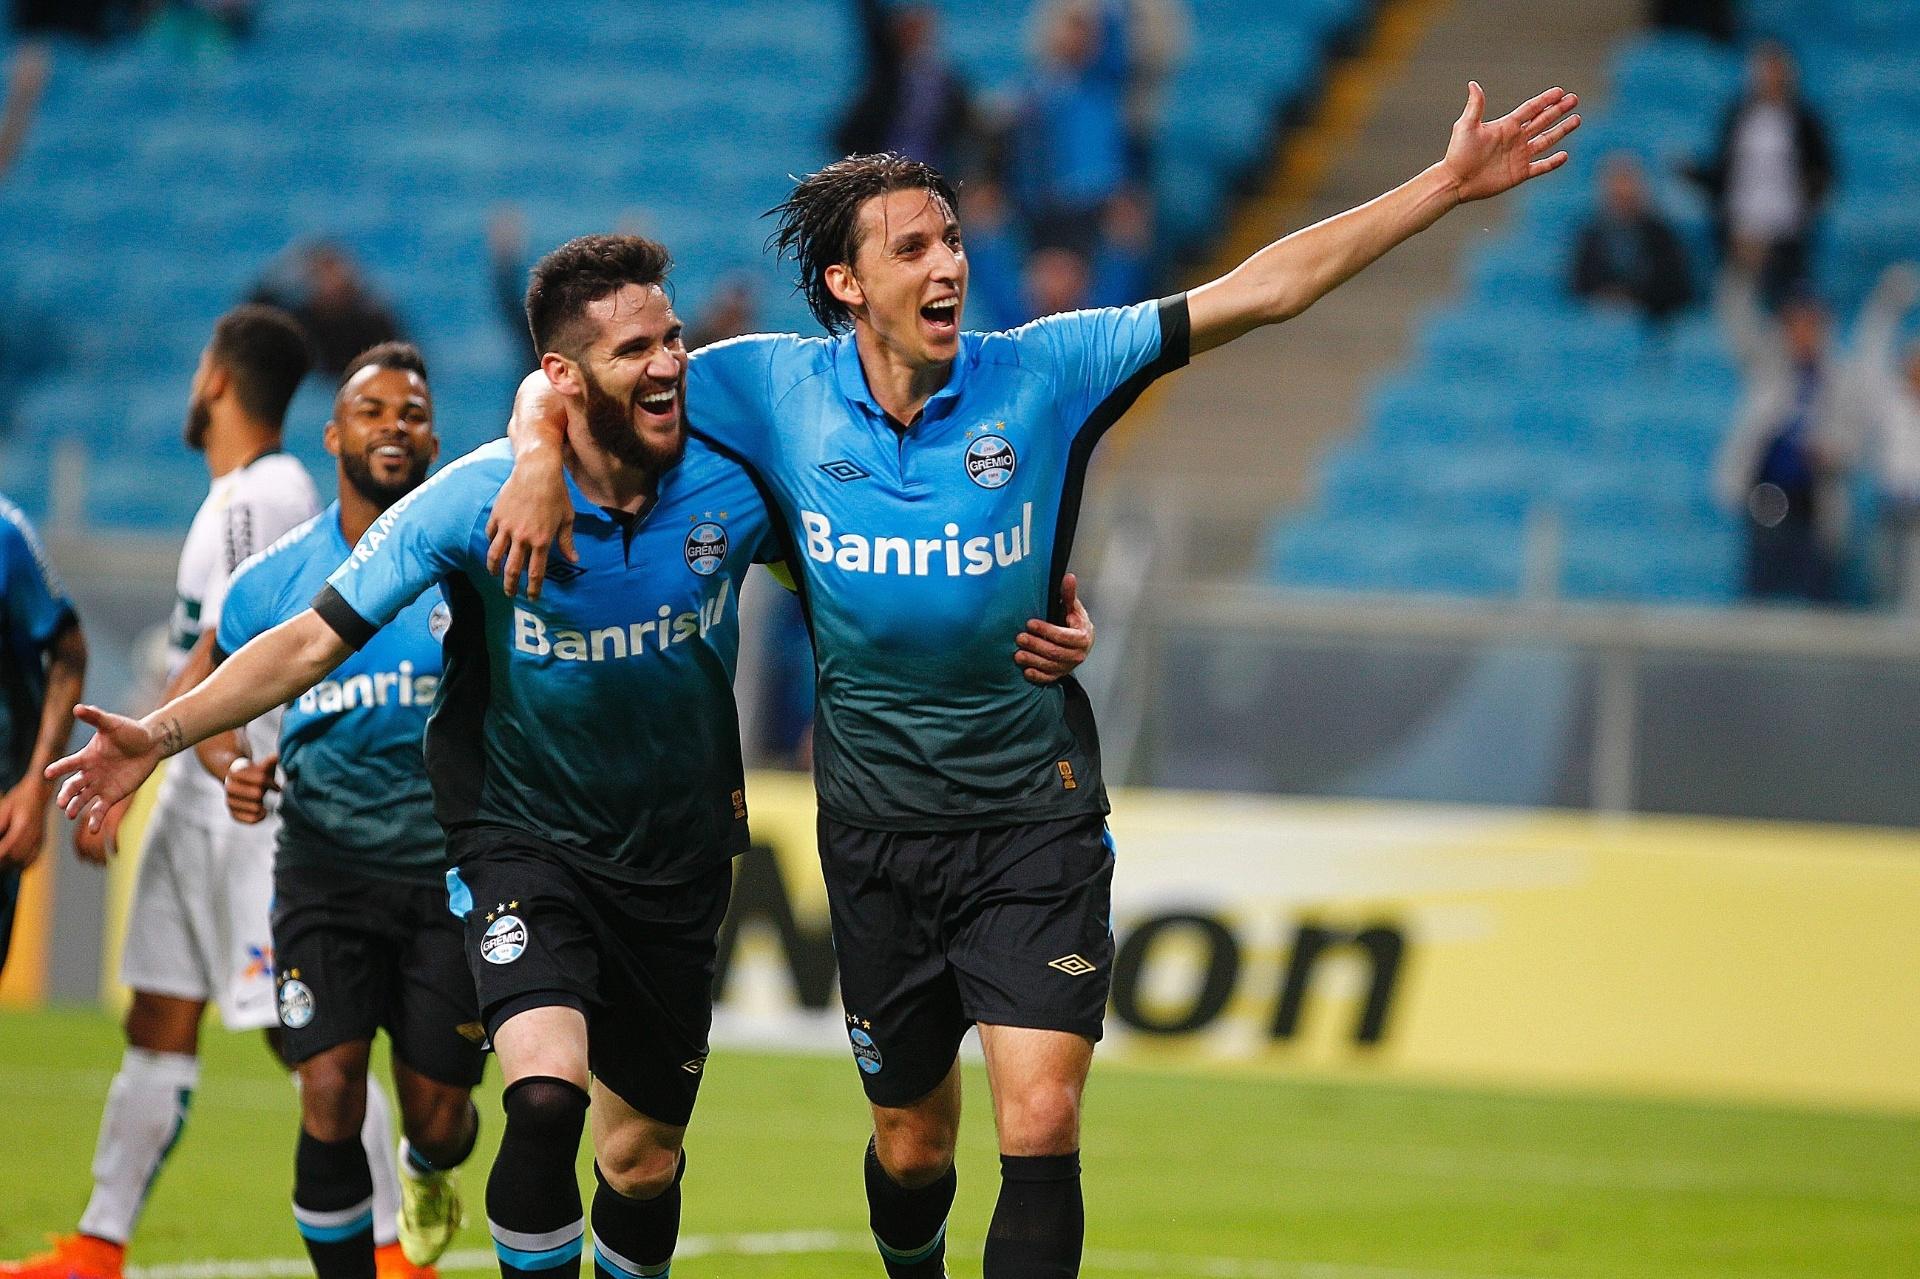 Grêmio quer usar Marcelo Oliveira como coringa da defesa em 2018 -  31 12 2017 - UOL Esporte 29eb86bb3bacc